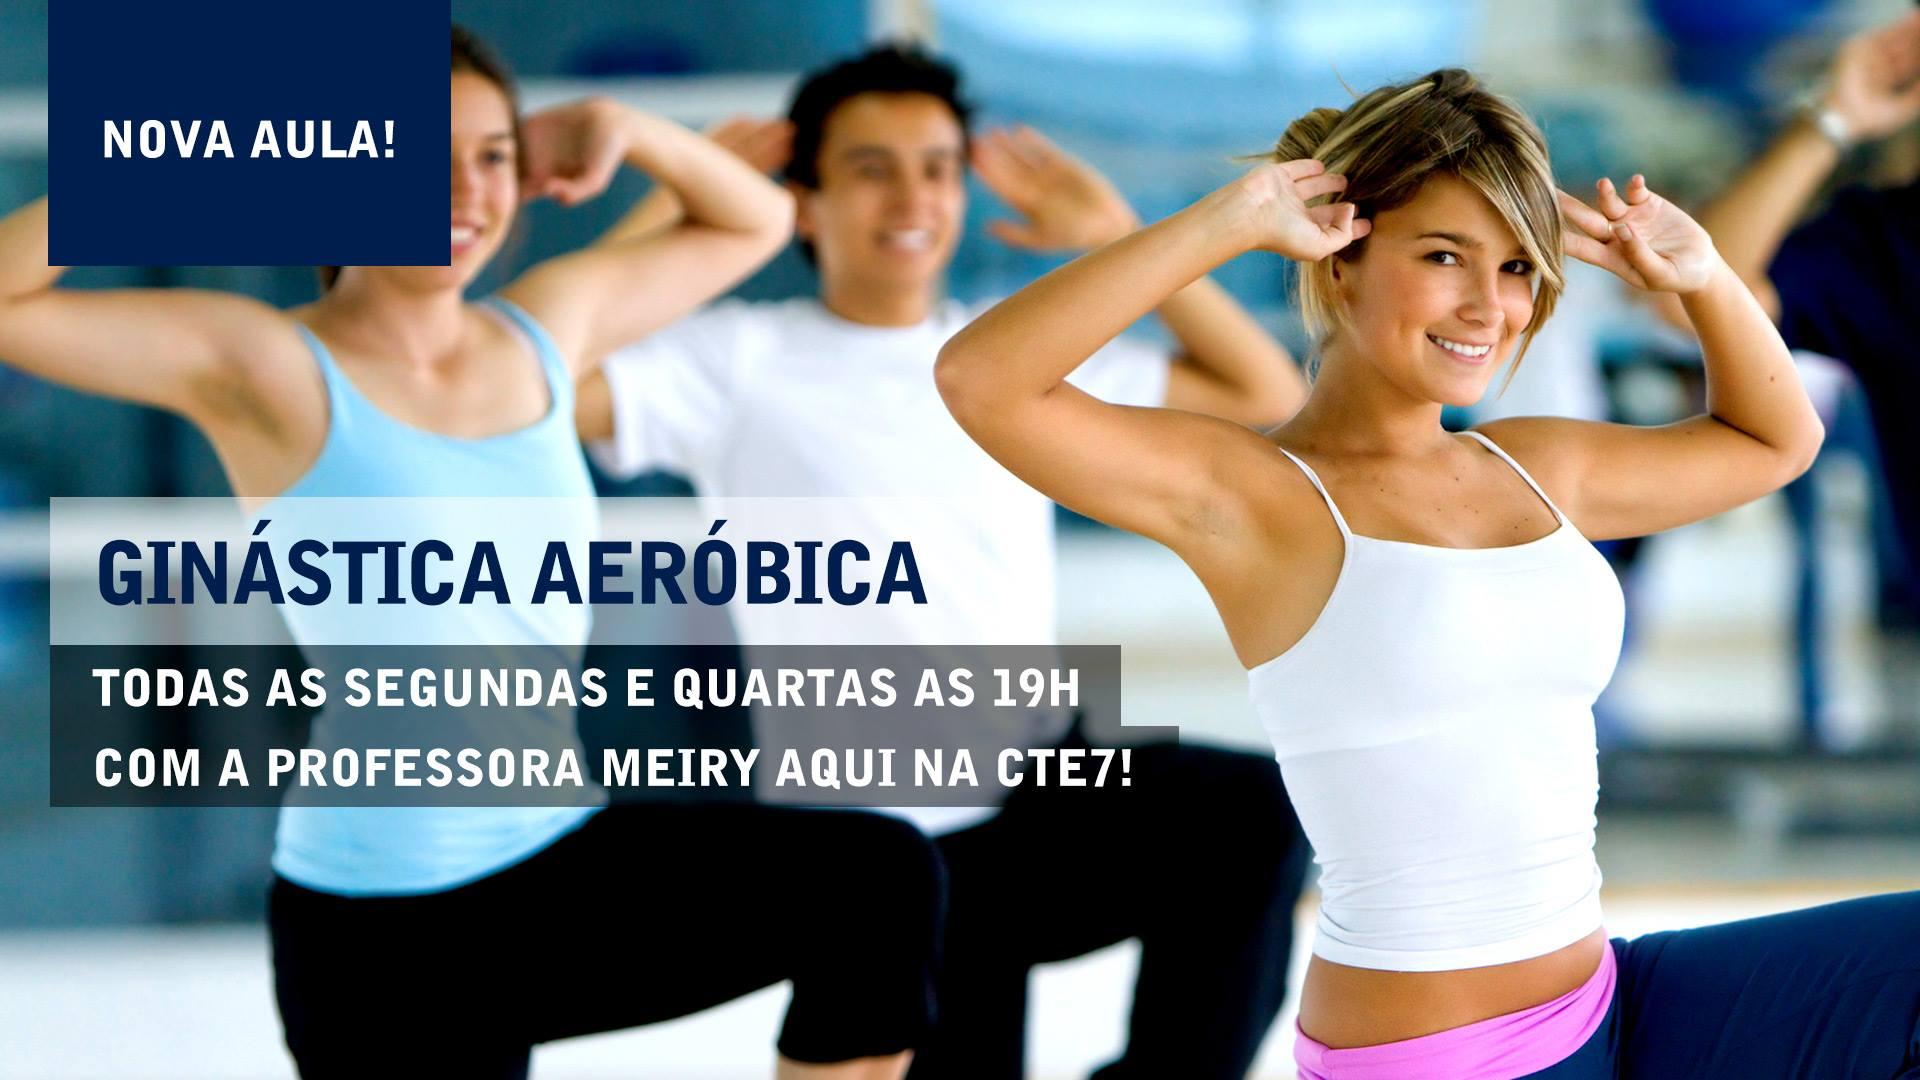 aula-ginástica-aeróbica-cte7